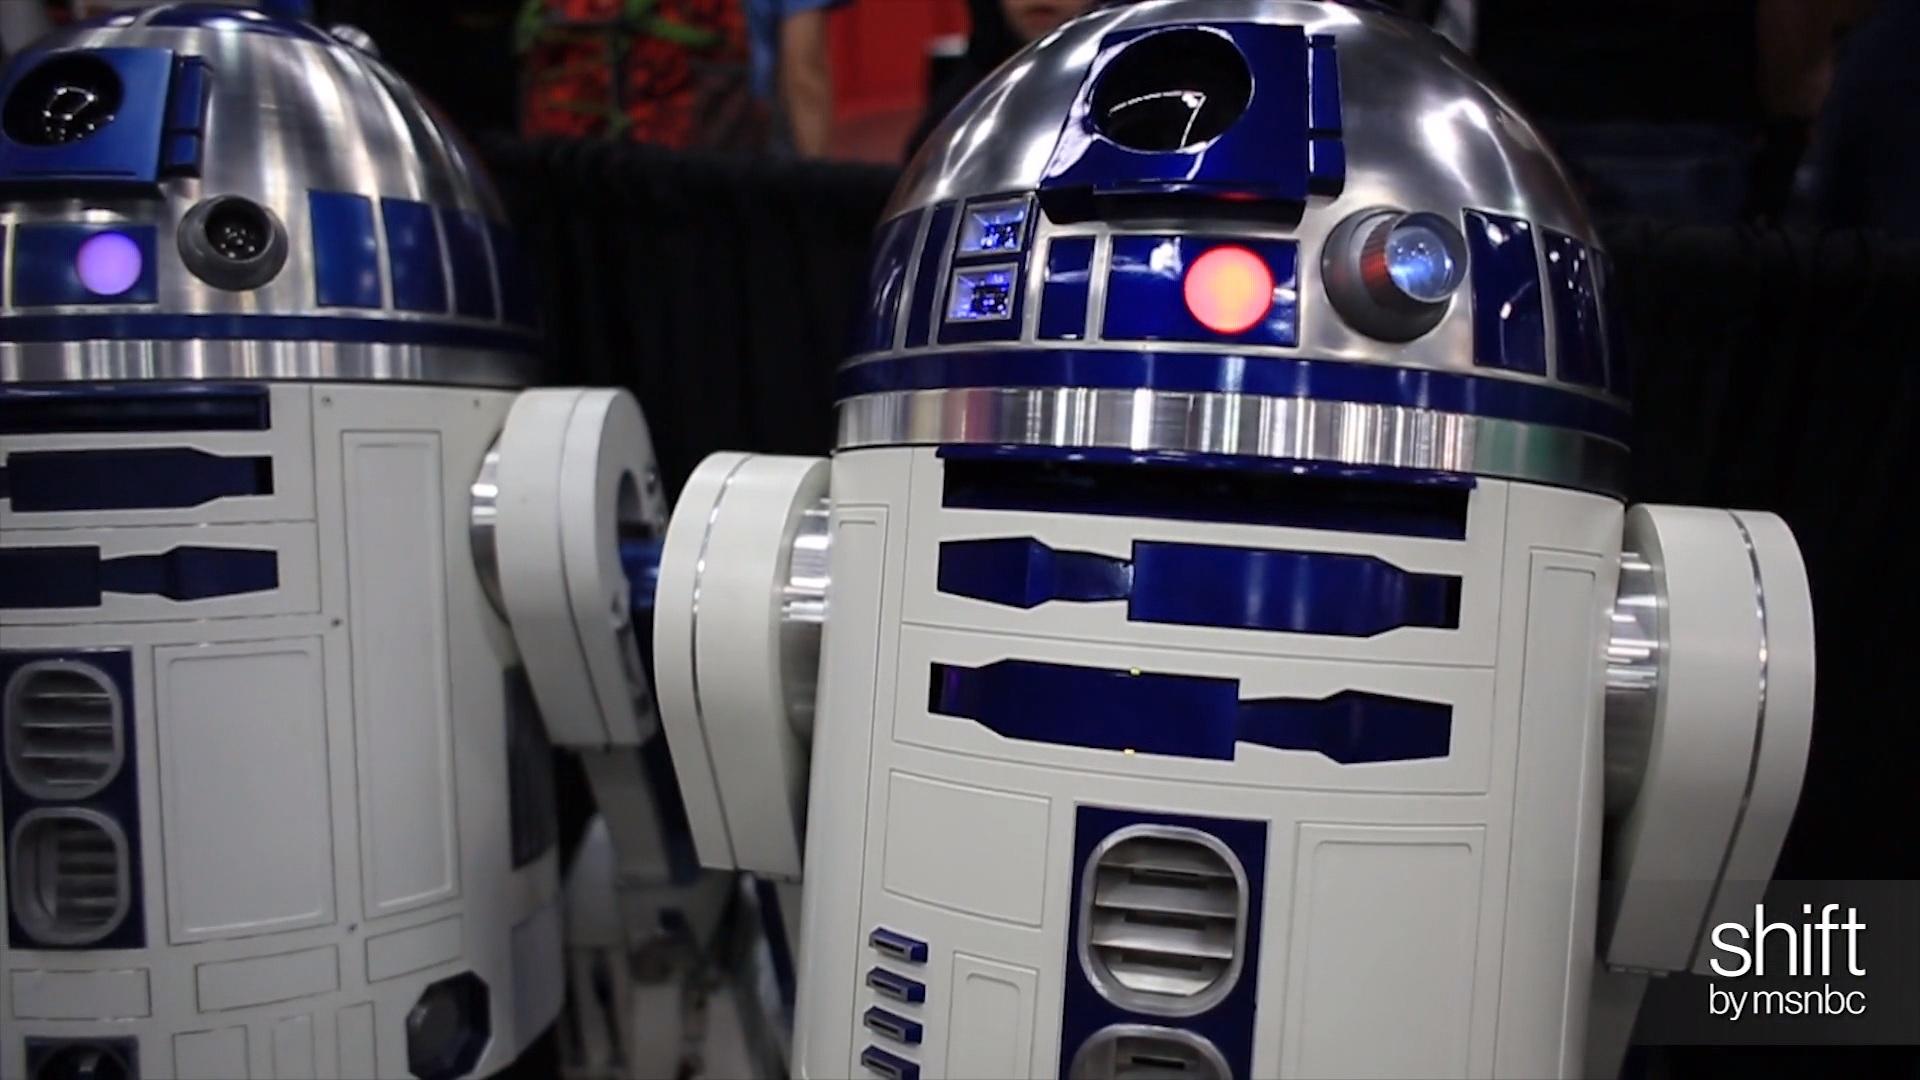 Meet real life R2-D2s